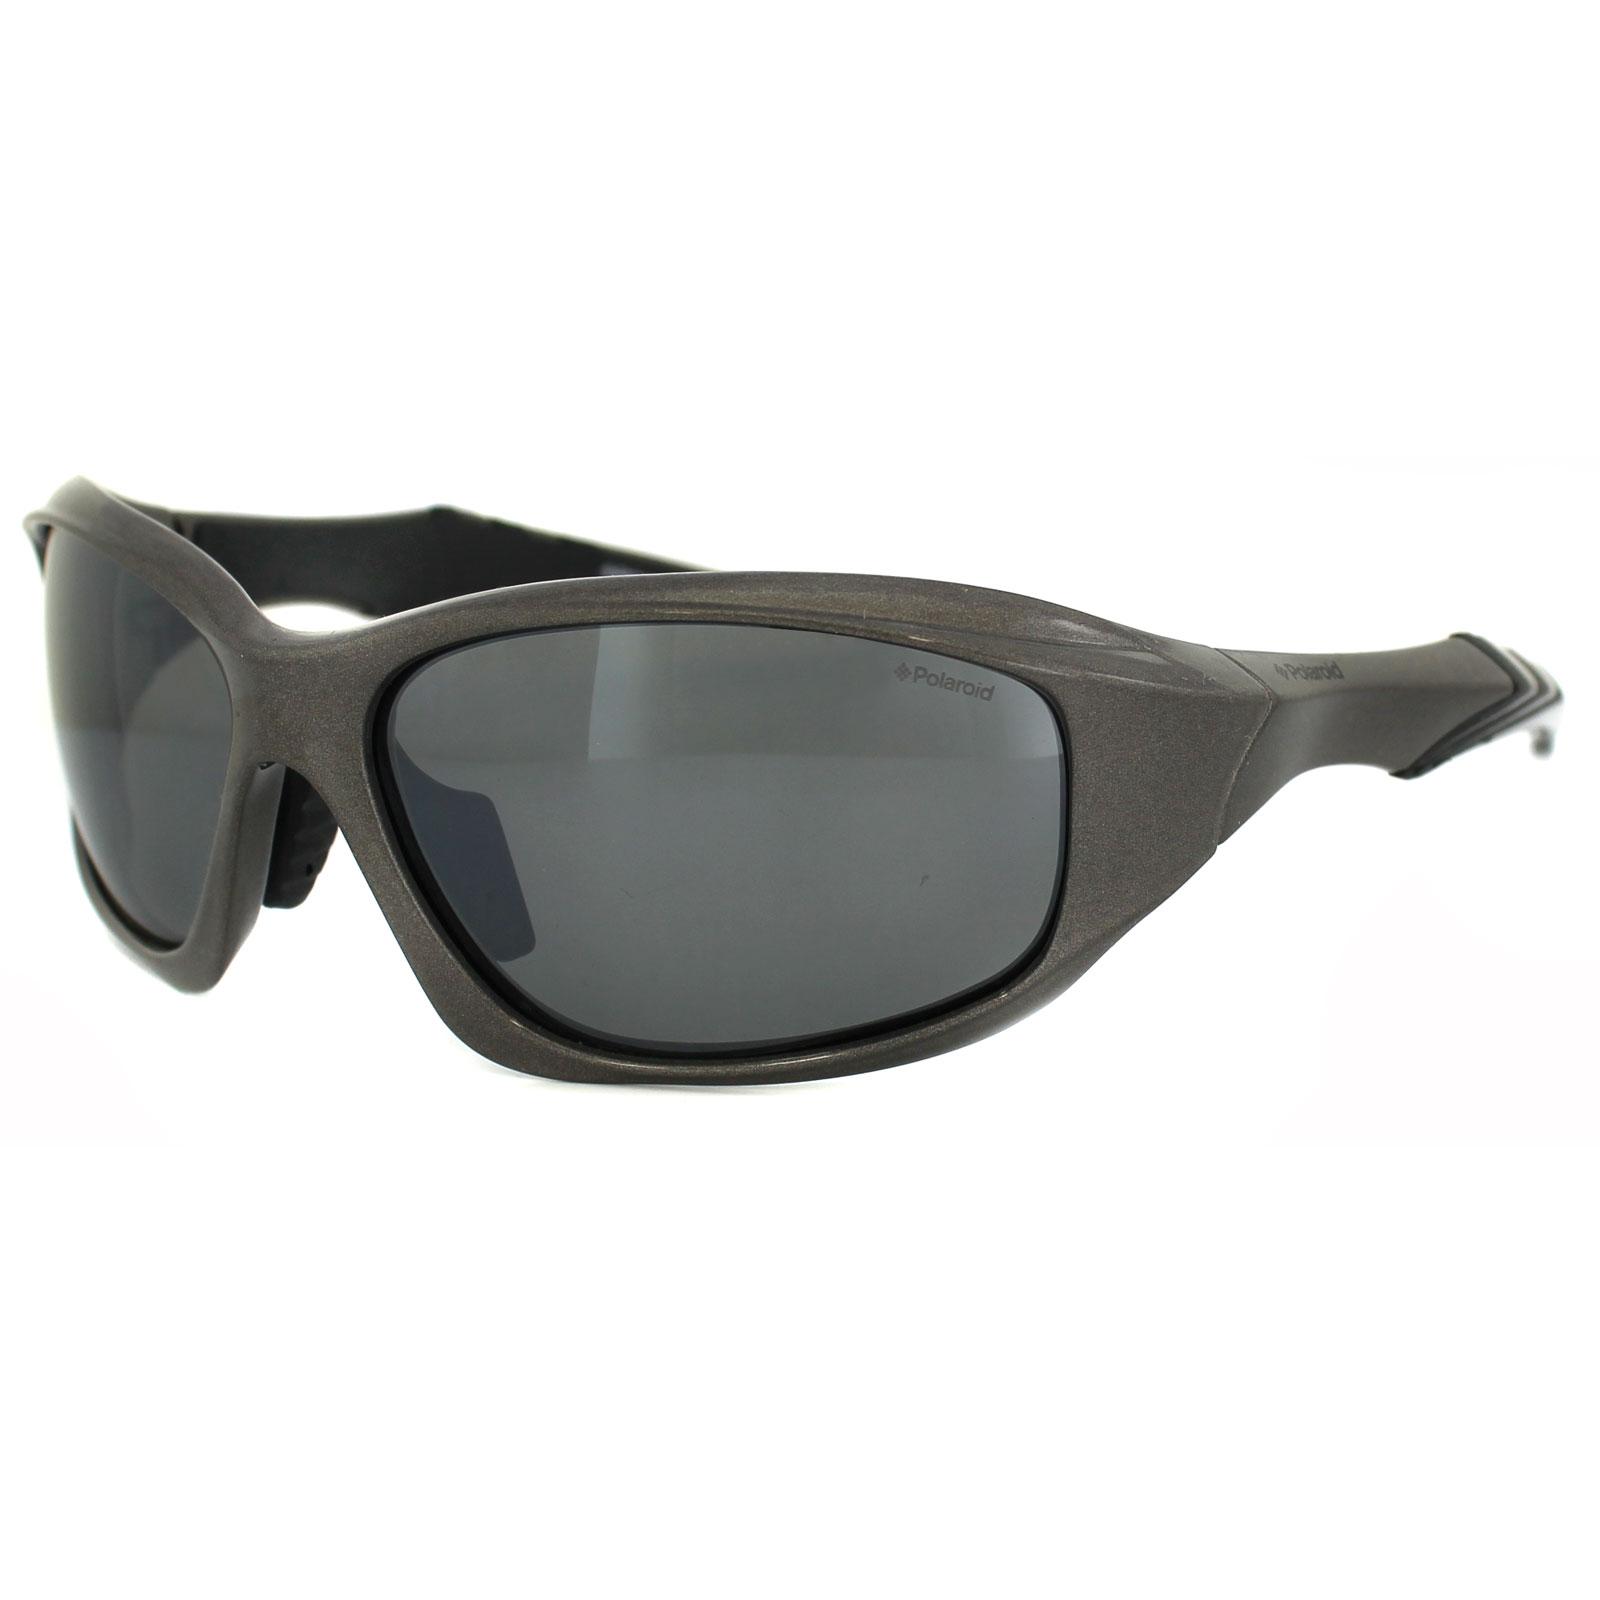 Polaroid sport occhiali da sole p7322 222 jb nero e grigio - Specchio polarizzato ...